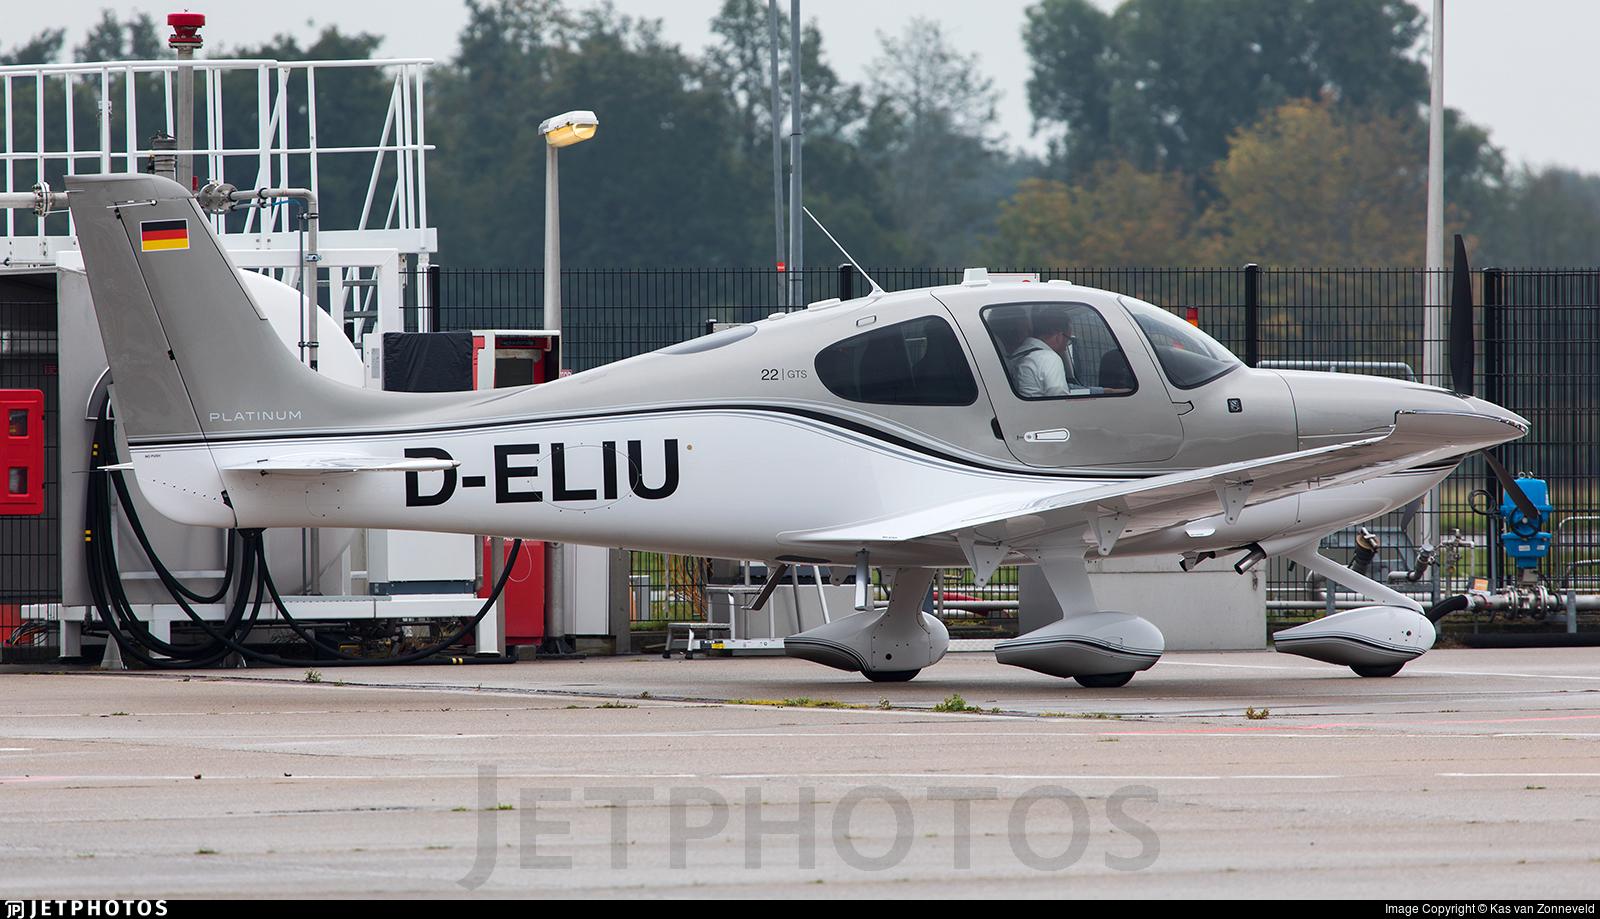 D-ELIU - Cirrus SR22-GTS G6 Platinum - Private